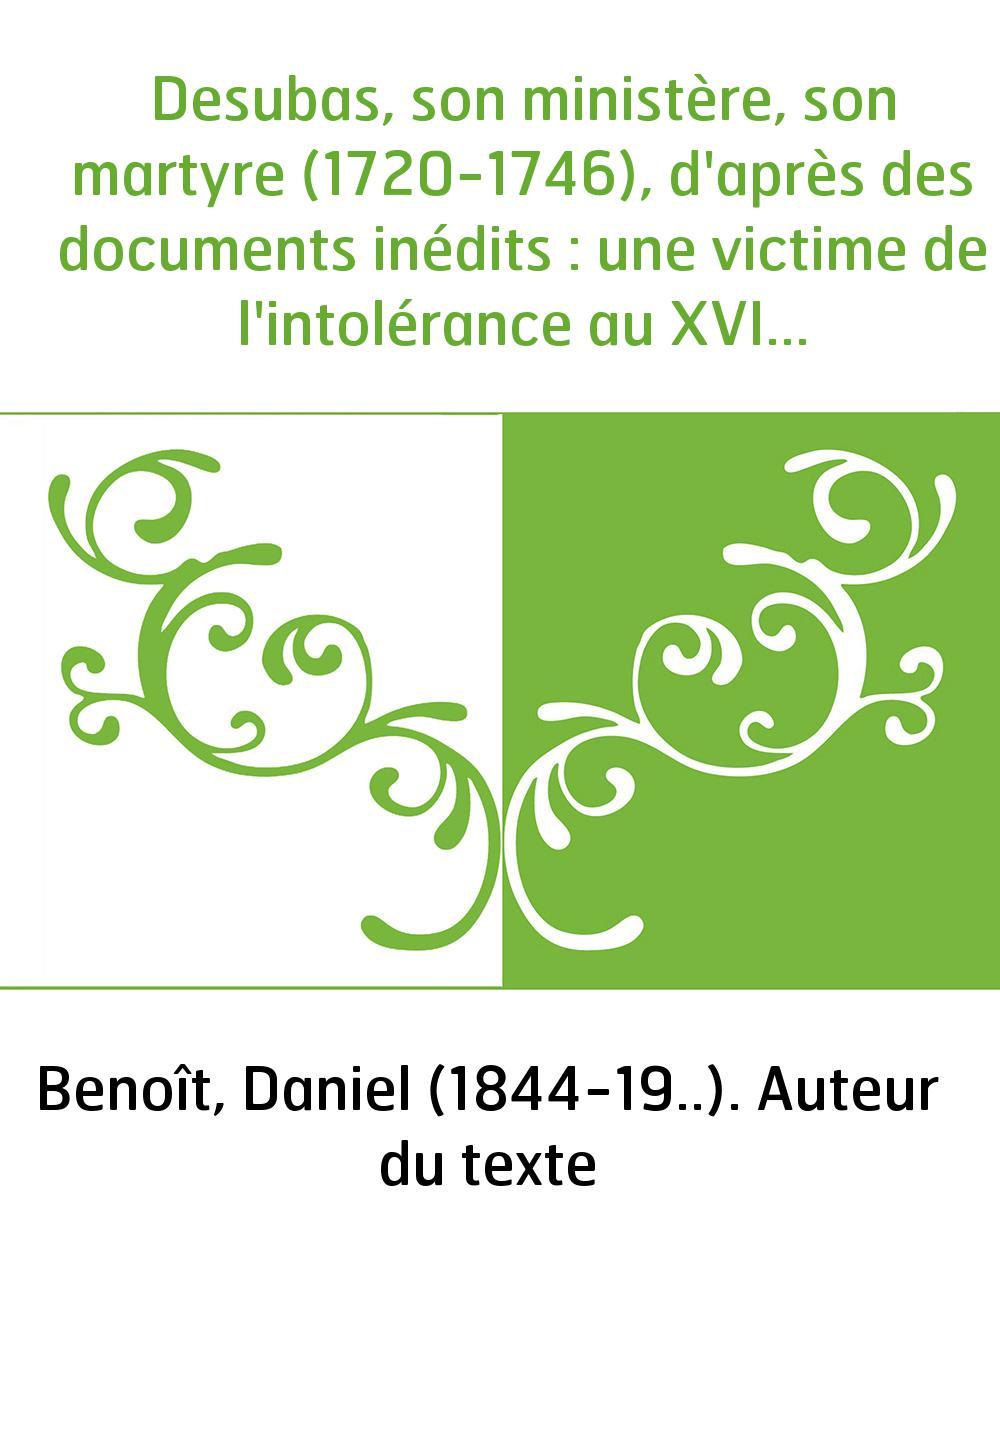 Desubas, son ministère, son martyre (1720-1746), d'après des documents inédits : une victime de l'intolérance au XVIIIe siècle /